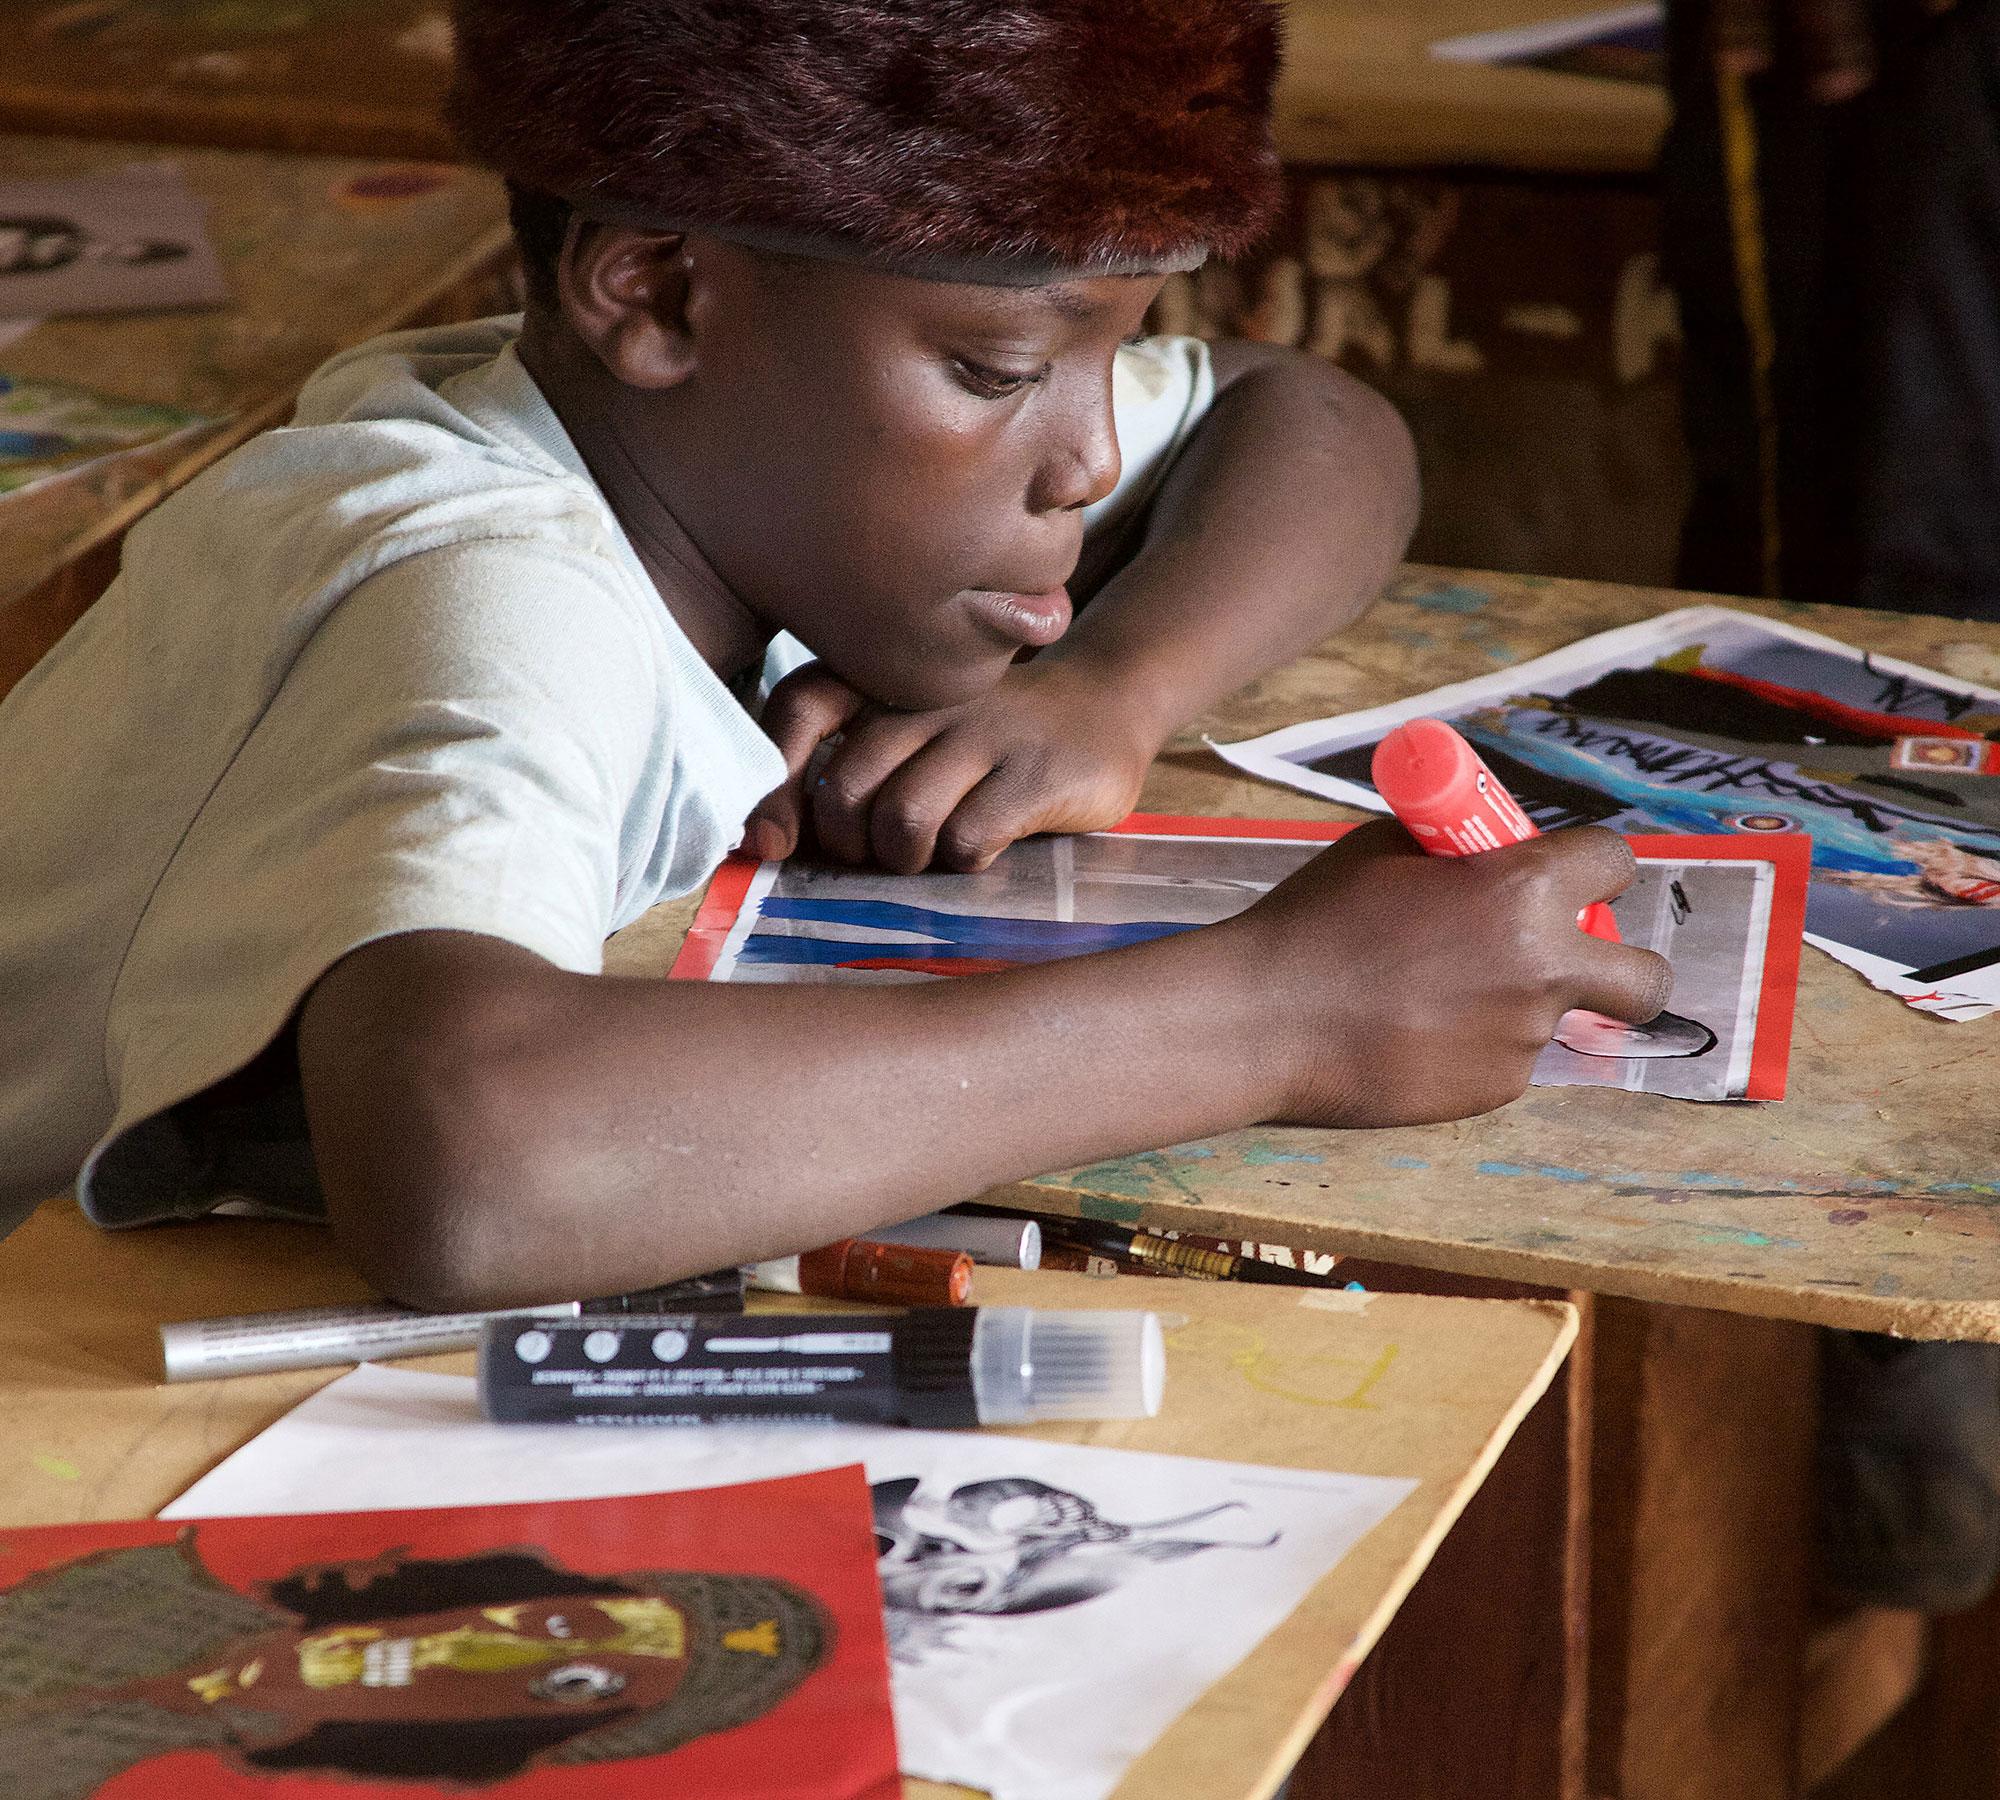 Ausstellung für Kinder und Familien in Berlin: Picha Nairobi © One Fine Day e.V.